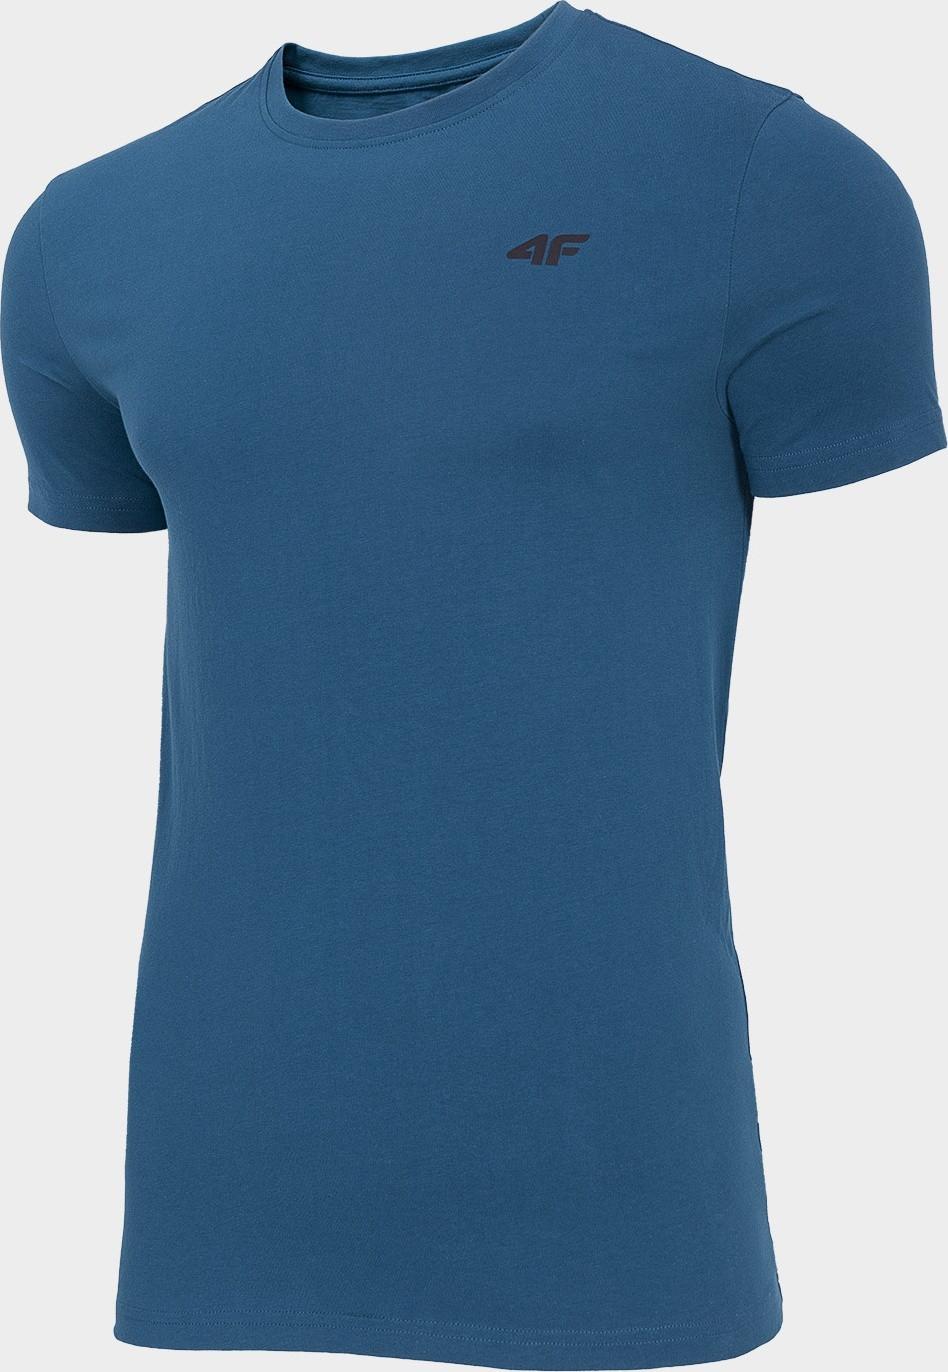 Pánske bavlnené tričko 4F TSM300 Modré Denim modrá XXL